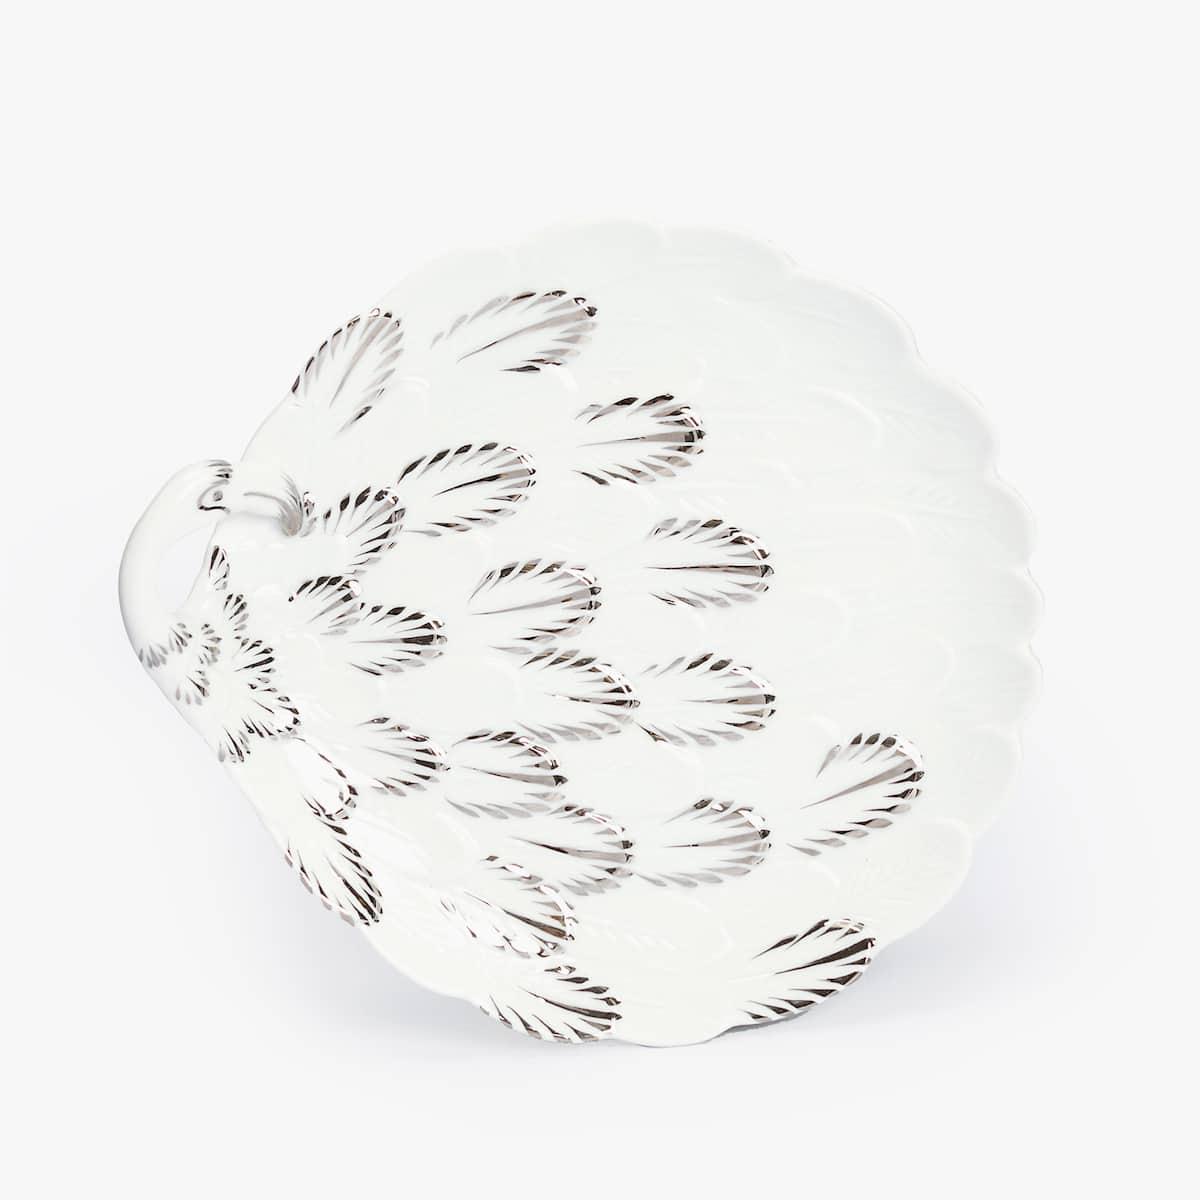 Creer Salle De Bain Dans Une Chambre ~ Assiette Dessert Porcelaine Flamant Rose Accessoires De Table